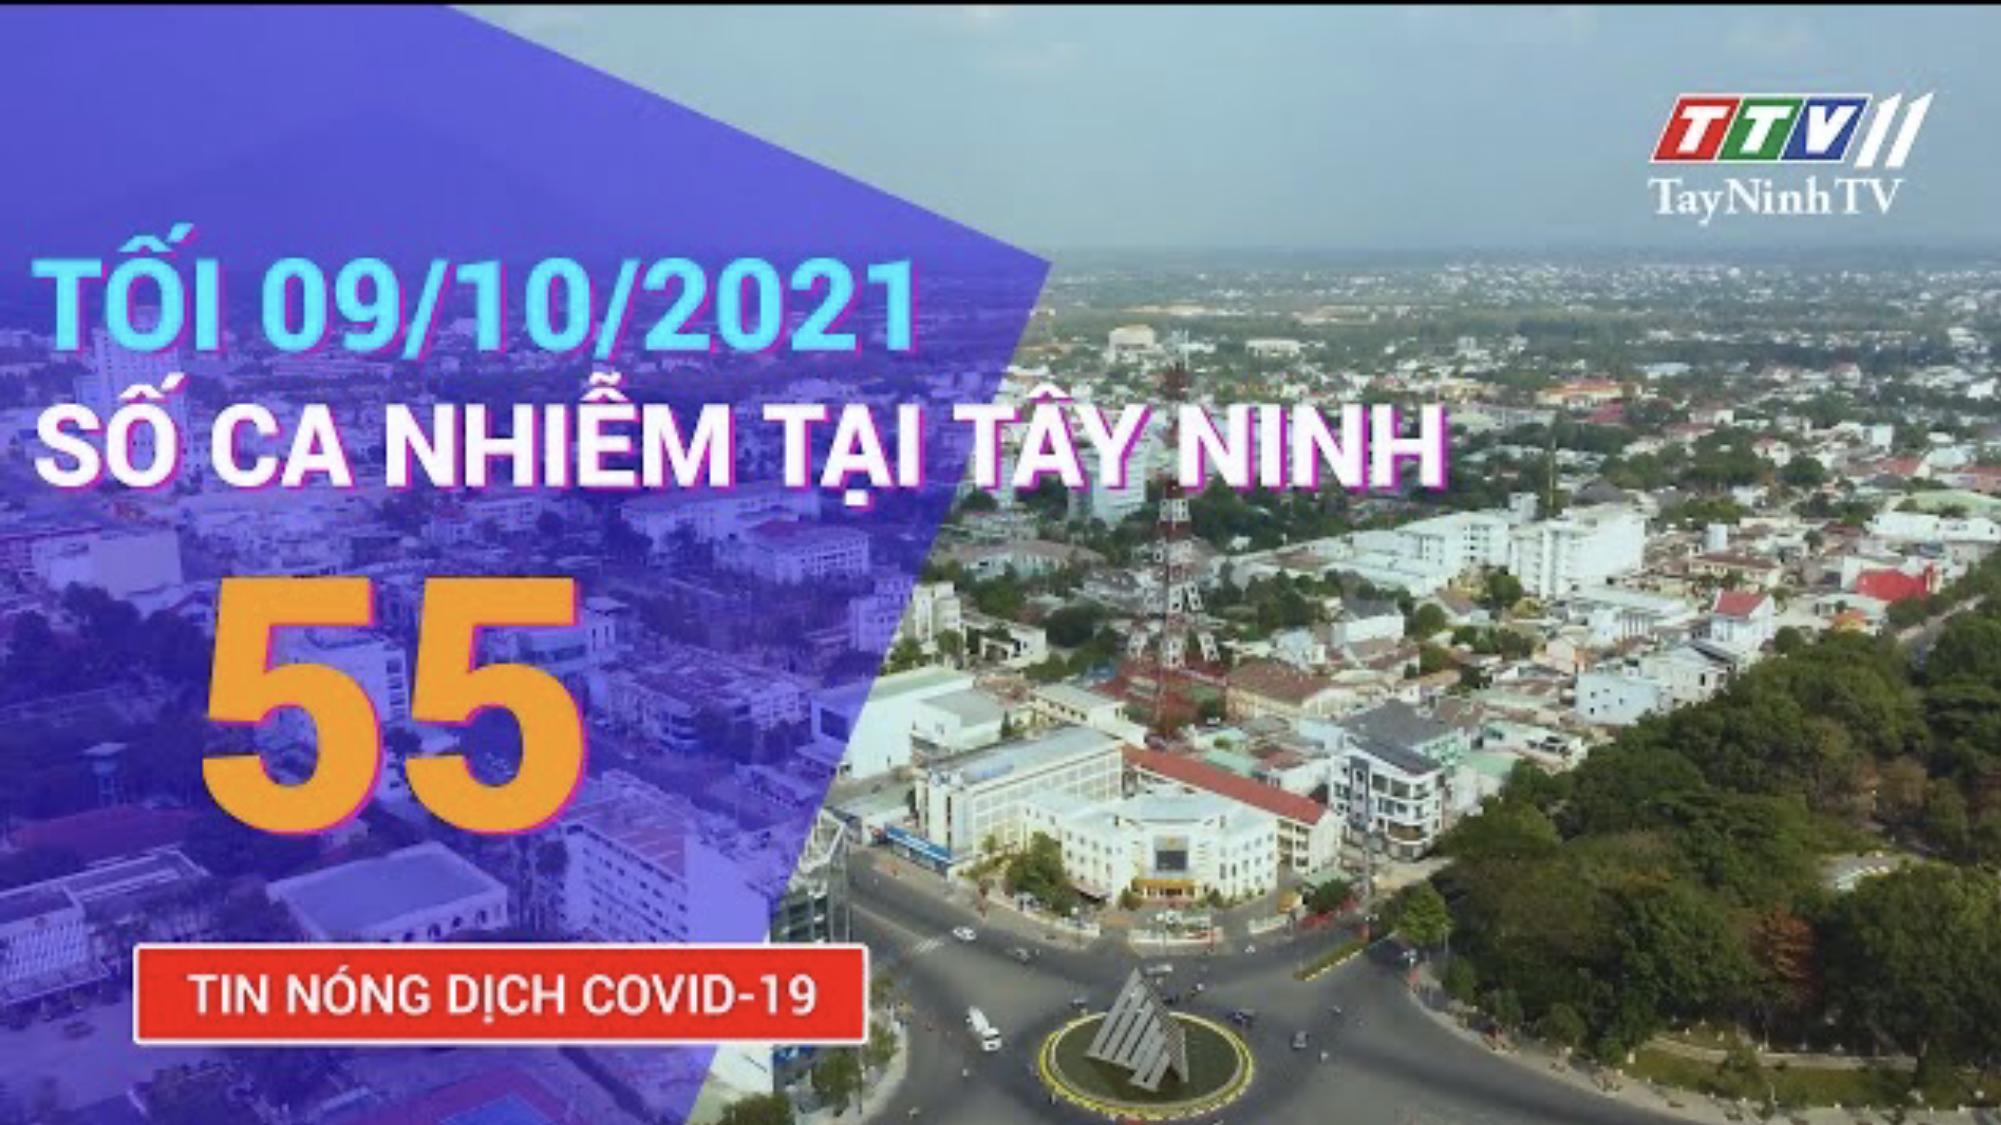 TIN TỨC COVID-19 TỐI 09/10/2021 | Tin tức hôm nay | TayNinhTV